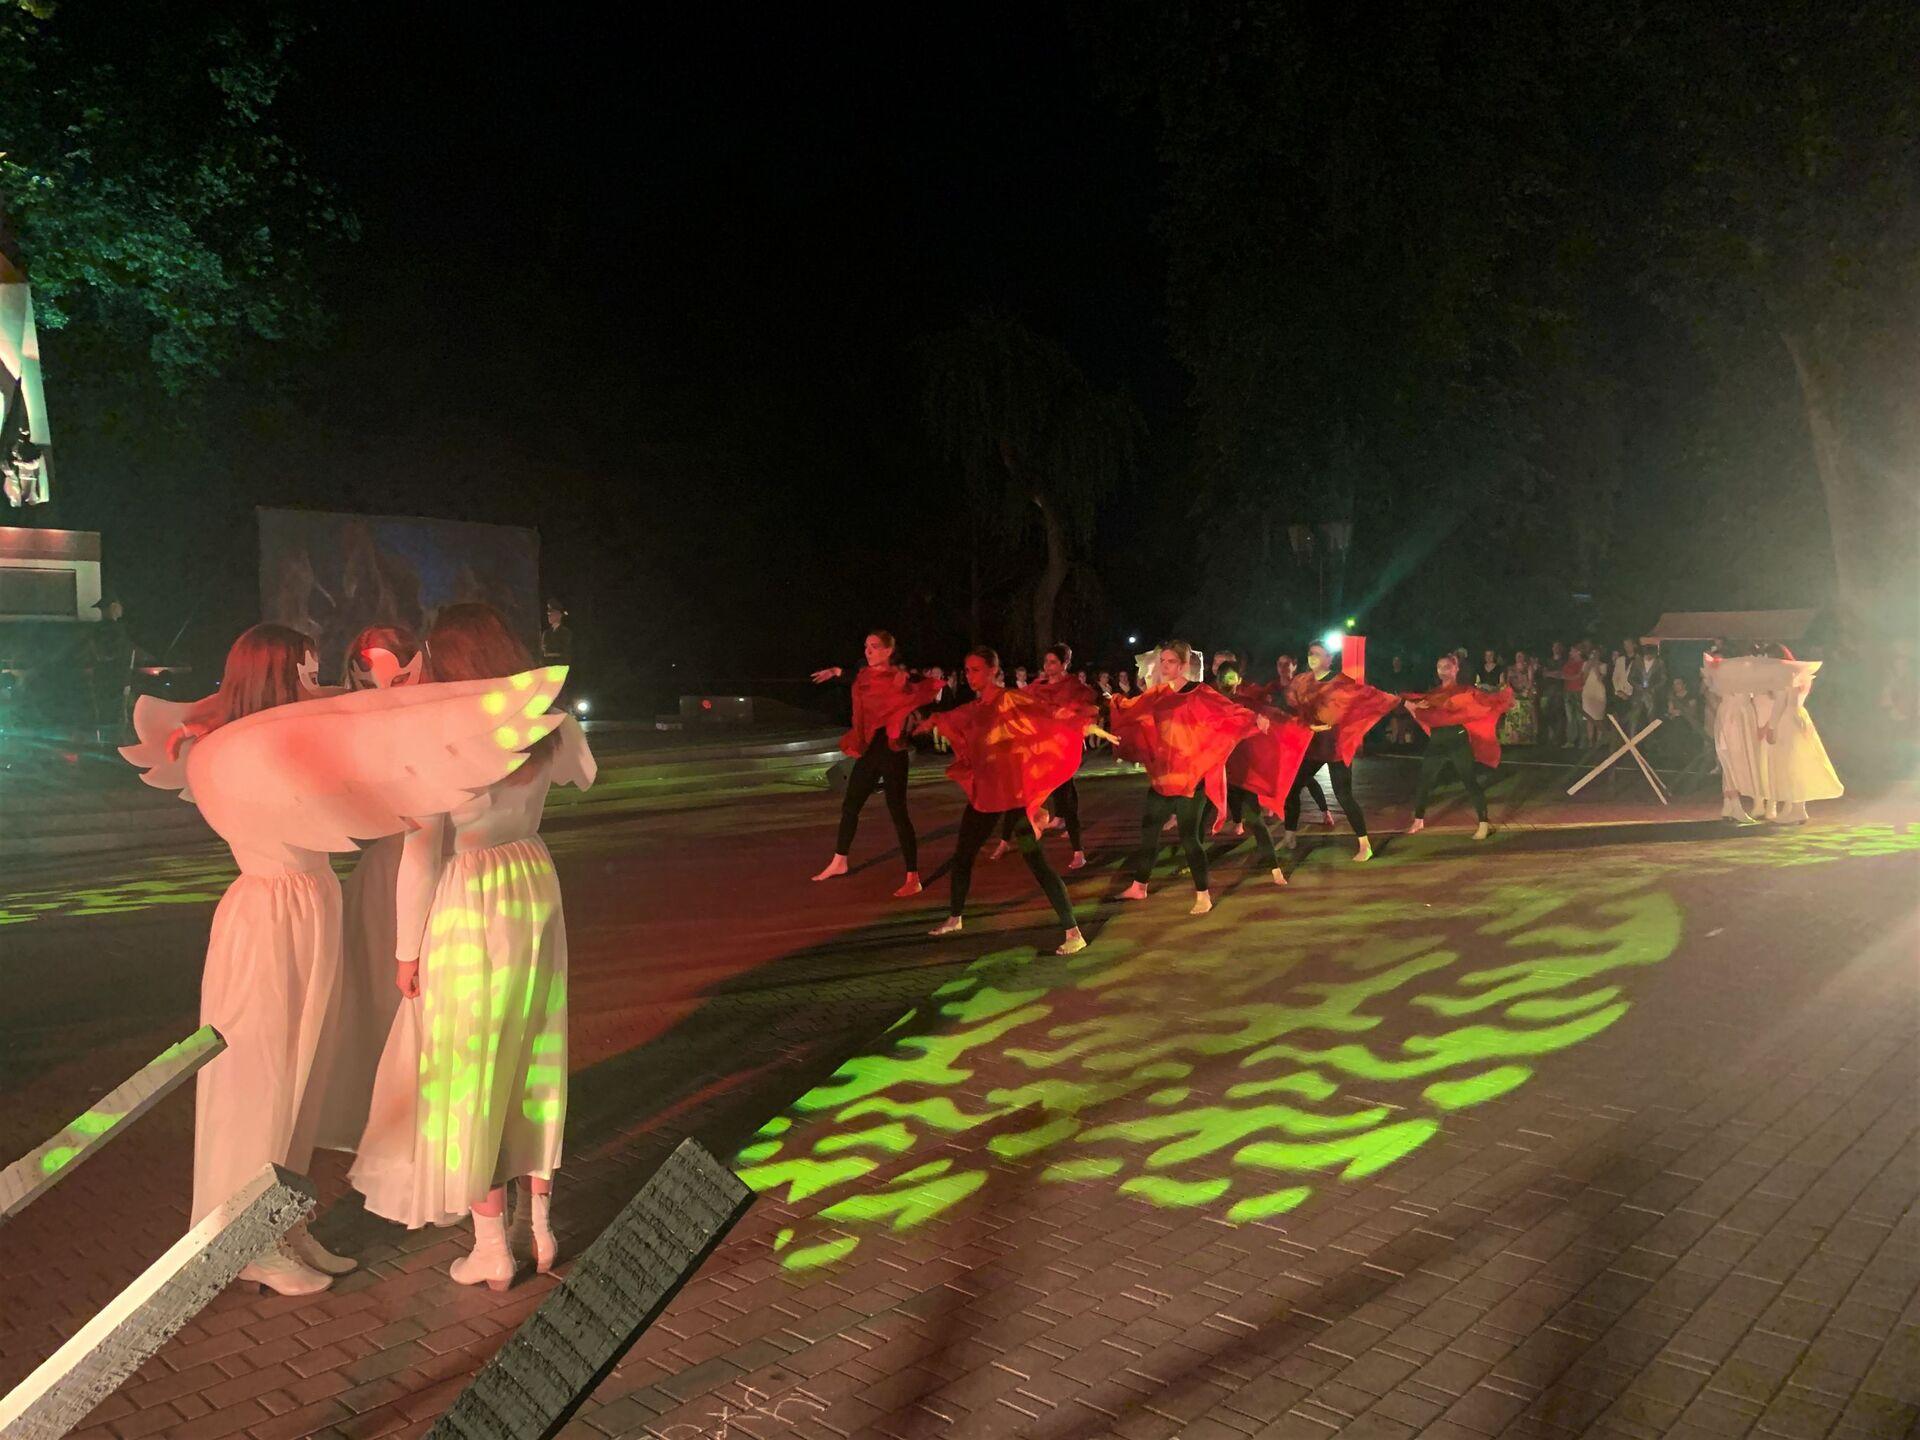 Акция памяти началась ровно в полночь у Вечного огня в парке Жилибера - Sputnik Беларусь, 1920, 29.06.2021